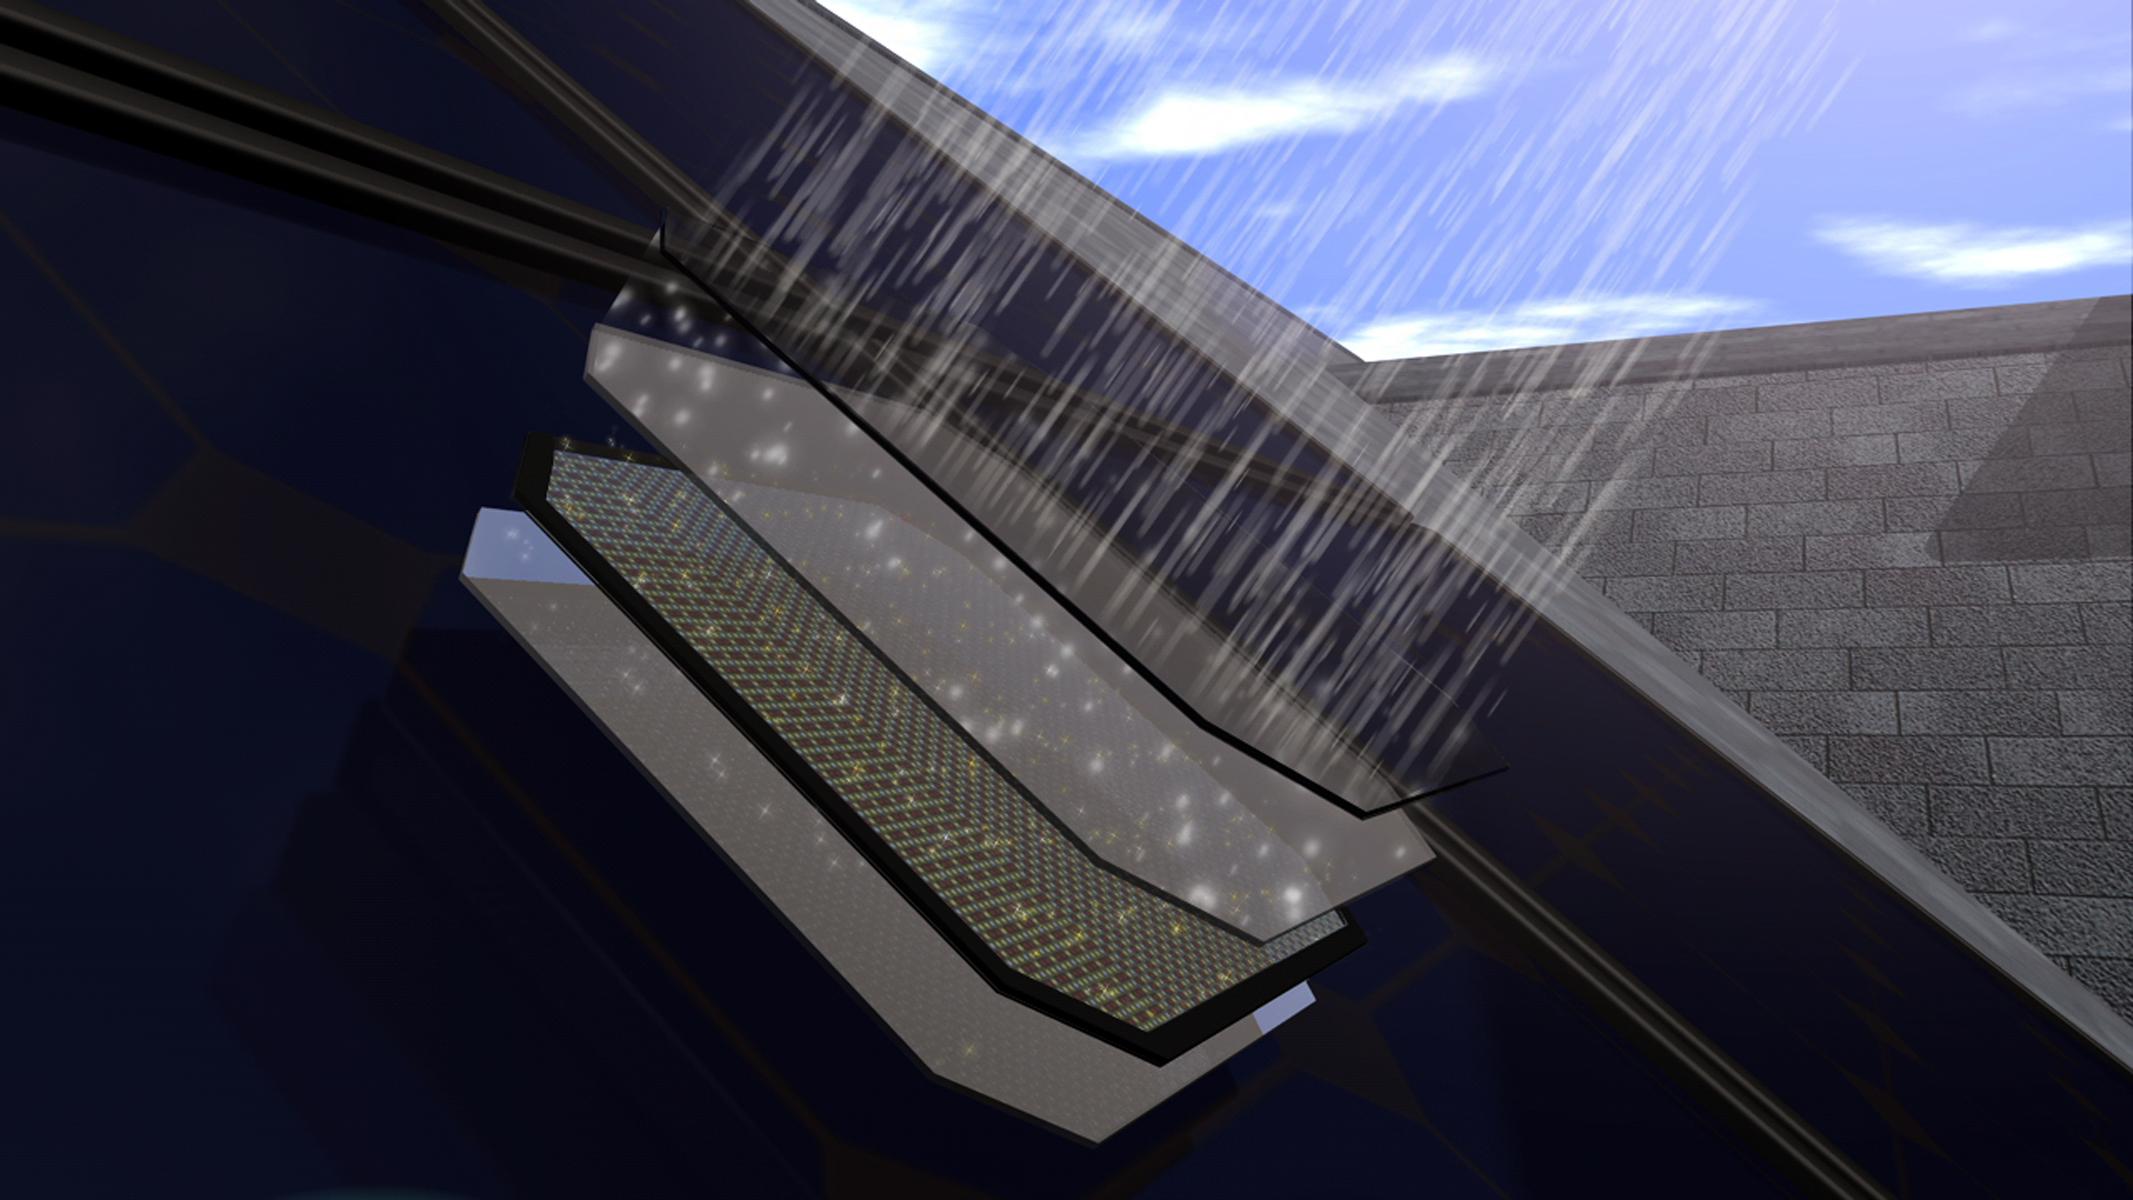 Performance cellule photovoltaïque Sunpower Maxeon